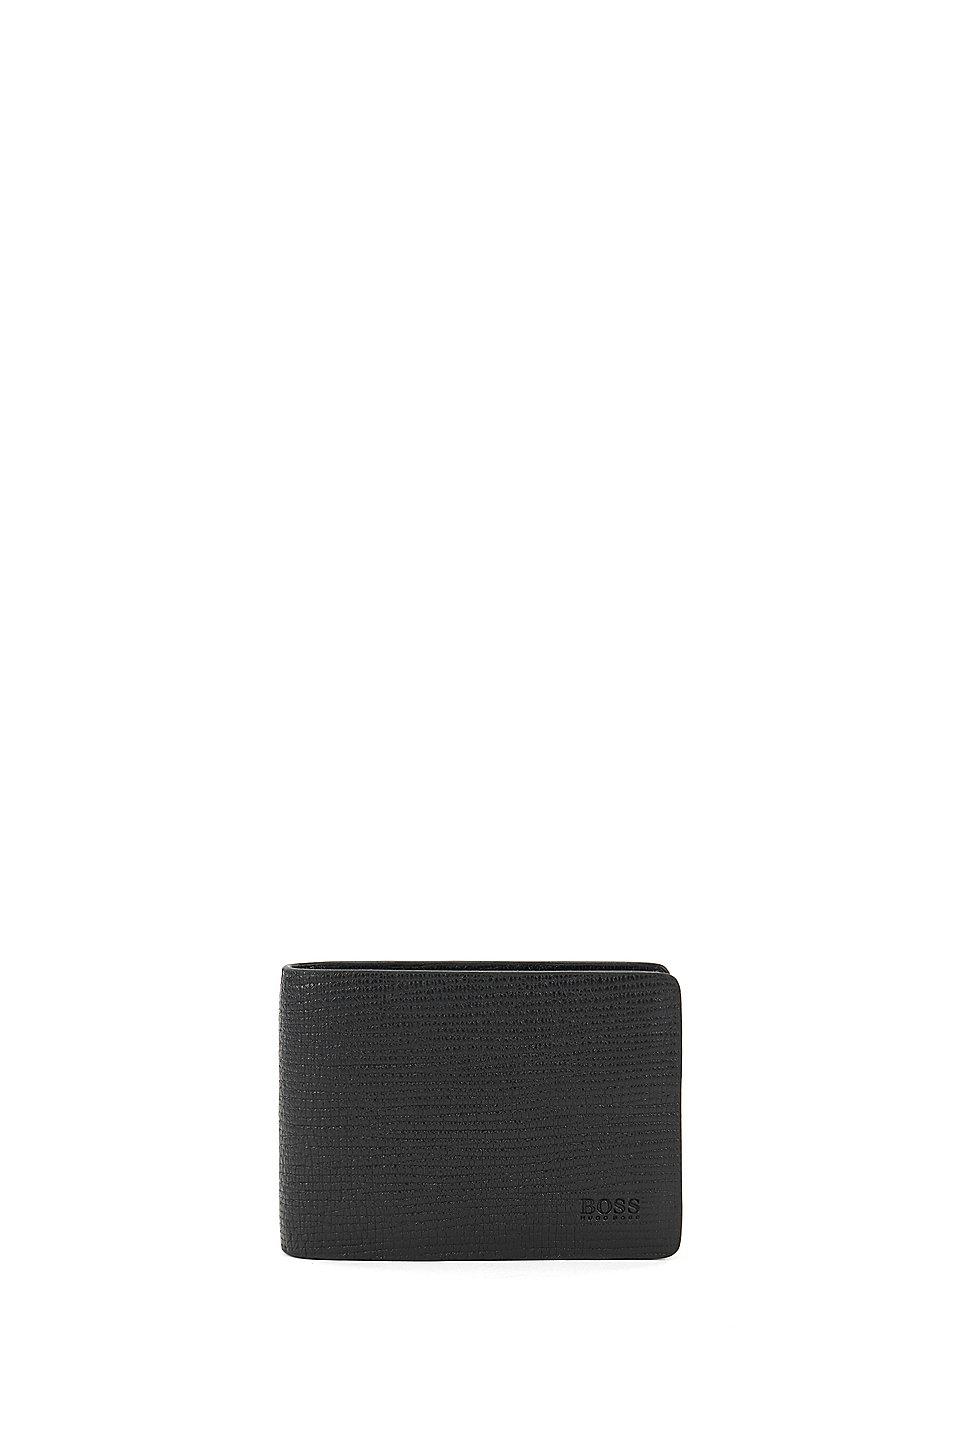 BOSS - Leather Billfold Wallet  eb335d208dd